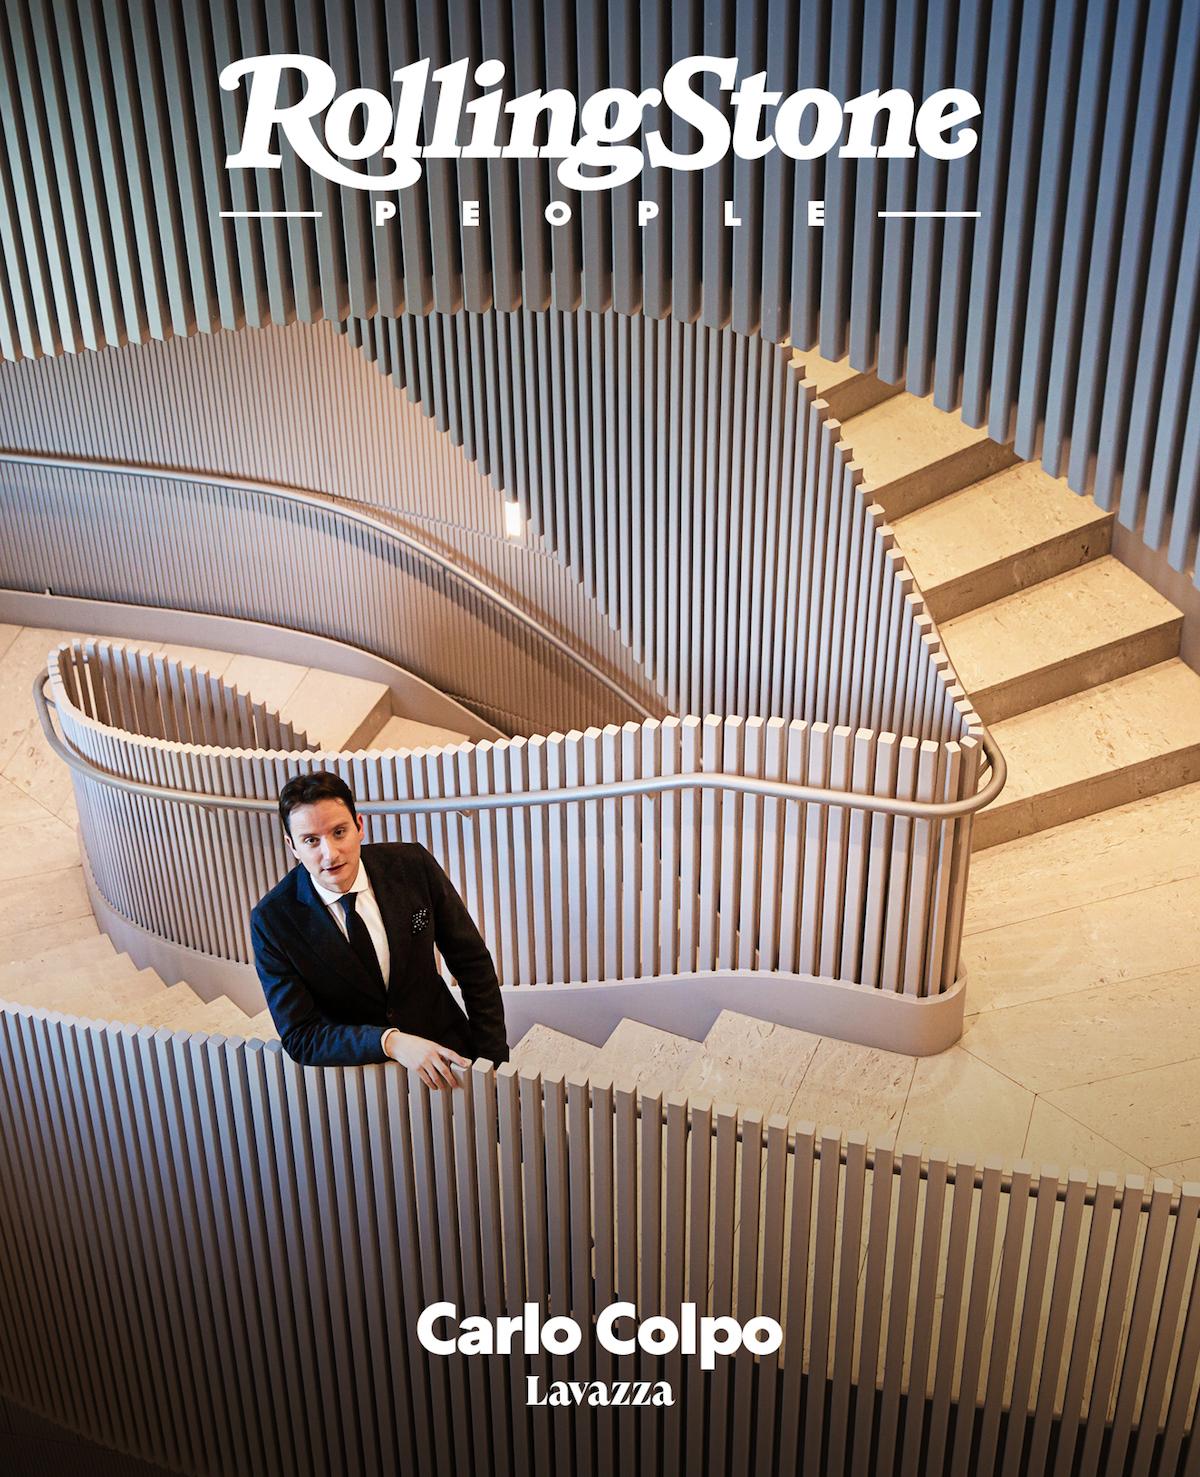 Carlo Colpo digital cover Rolling Stone Italia